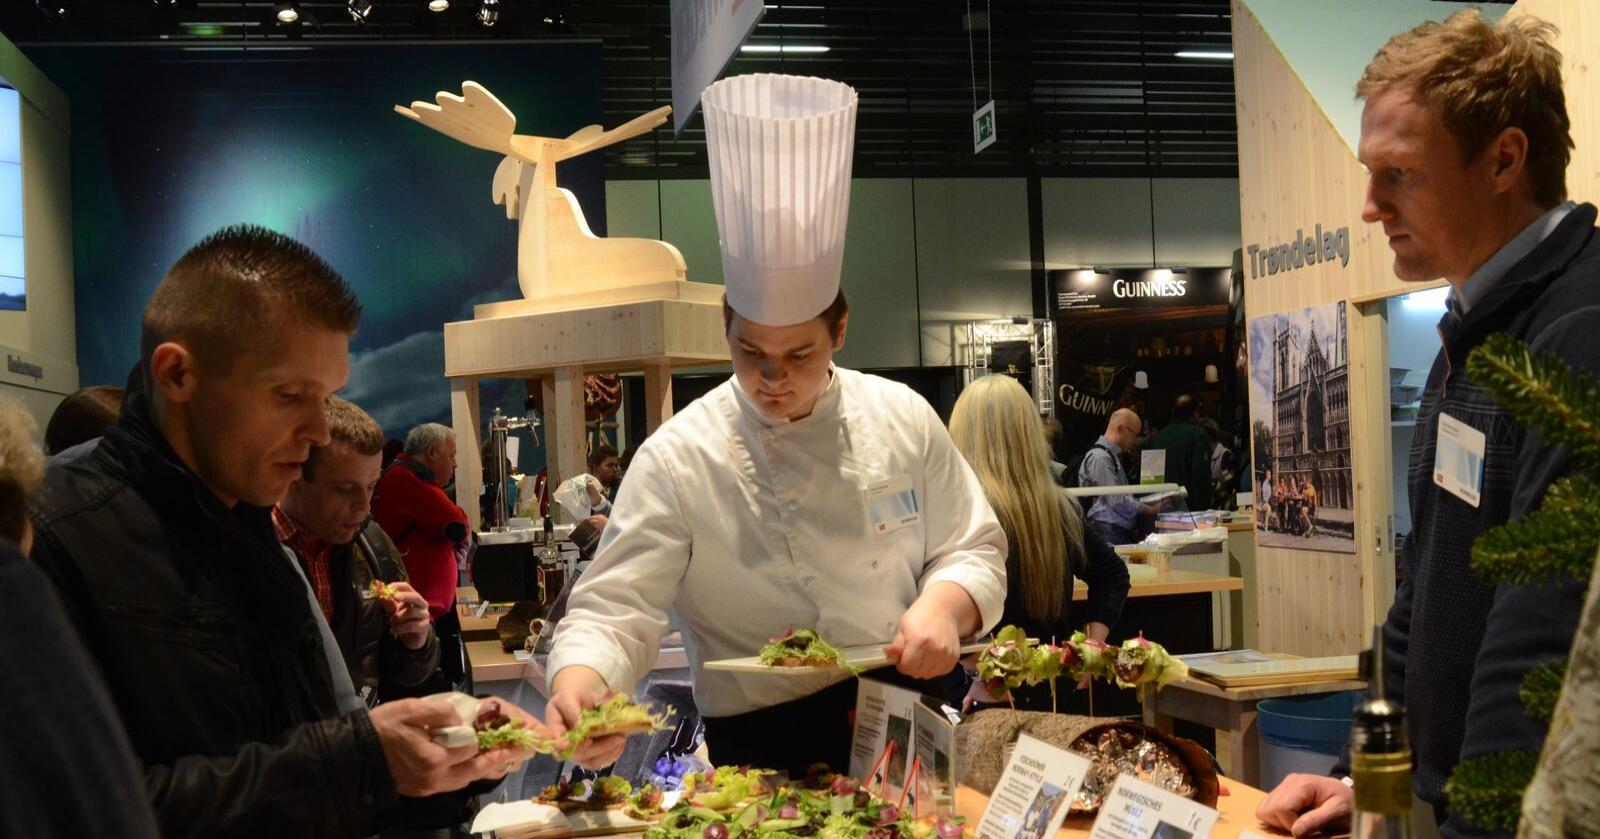 Landbruksnæringa og kokk- og restaurantbransjen er knyttet sammen igjennom maten, påpeker bondelagsleder Lars Petter Bartnes. Her er norske kokker og utstillere i svin under en tidligere Berlin Grüne Woche. Arkivfoto: Liv Jorunn Denstadli Sagmo